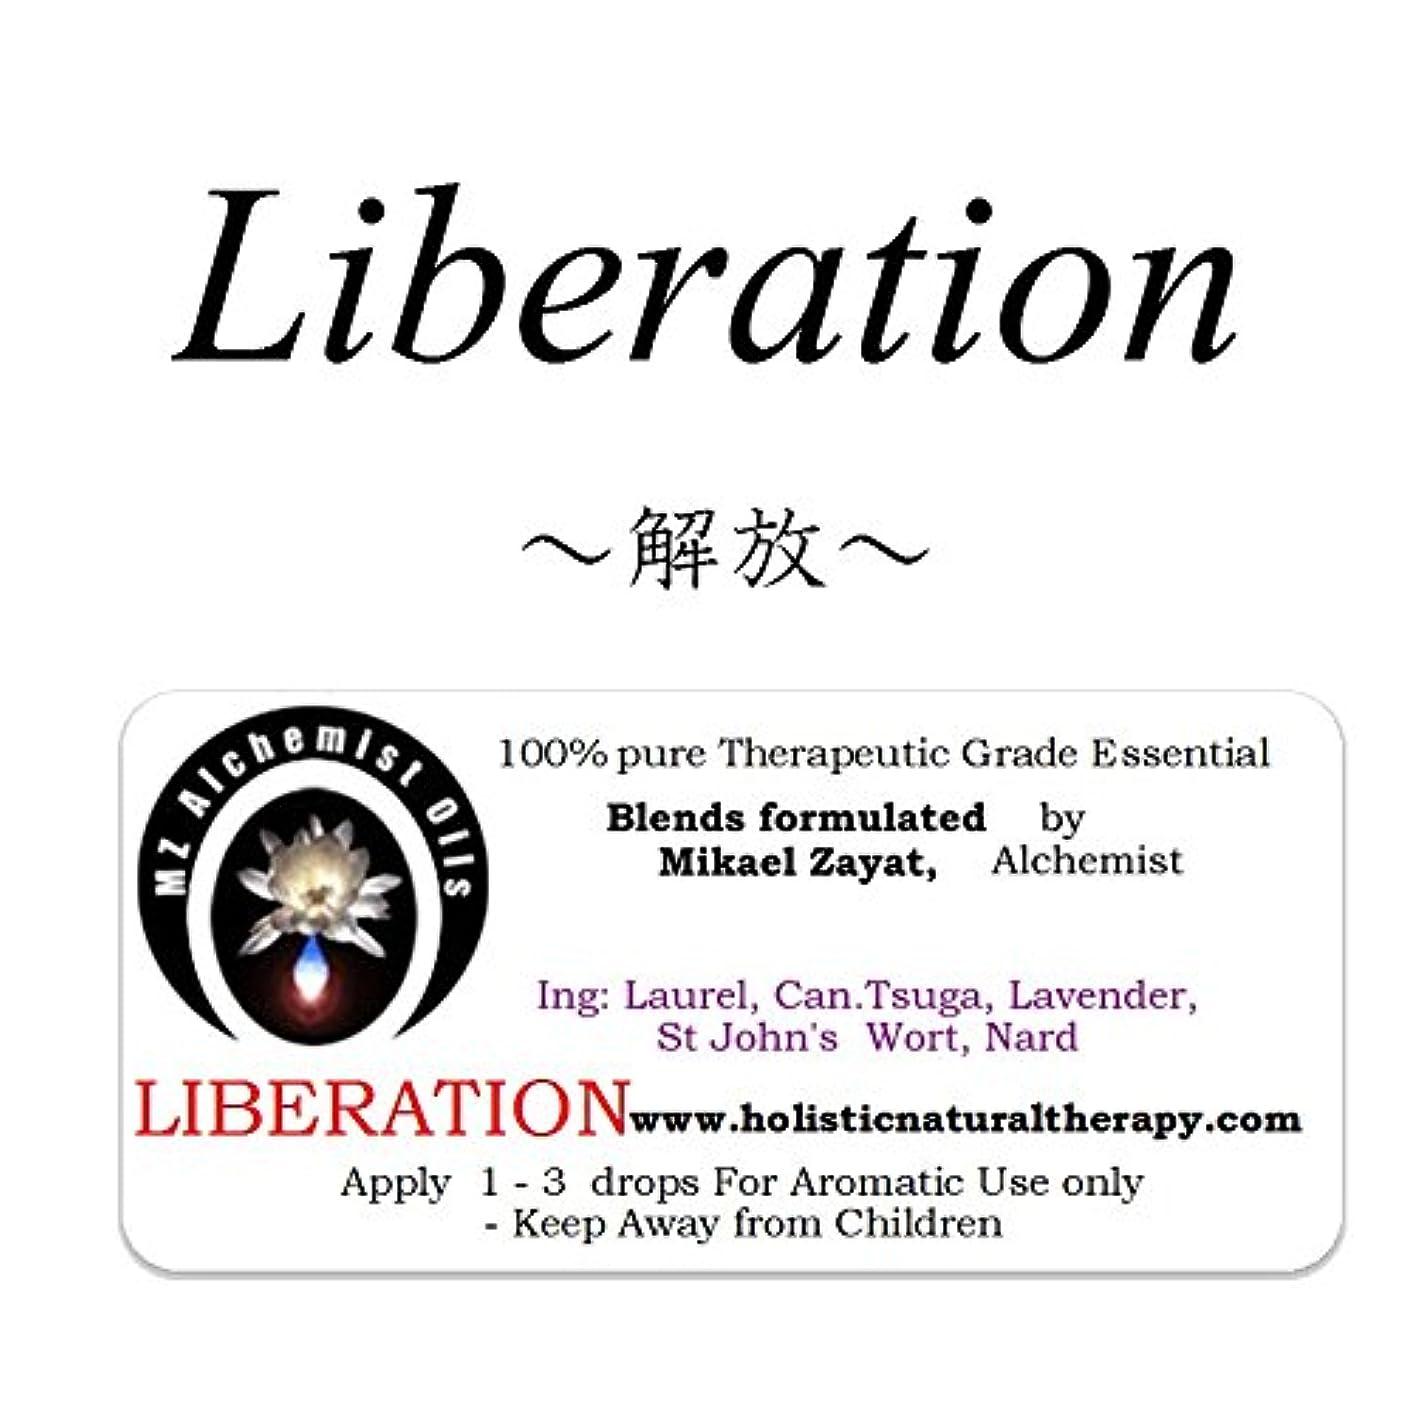 拡声器万一に備えてローストミカエル?ザヤットアルケミストオイル セラピストグレードアロマオイル Liberation-リベレーション(解放)- 4ml